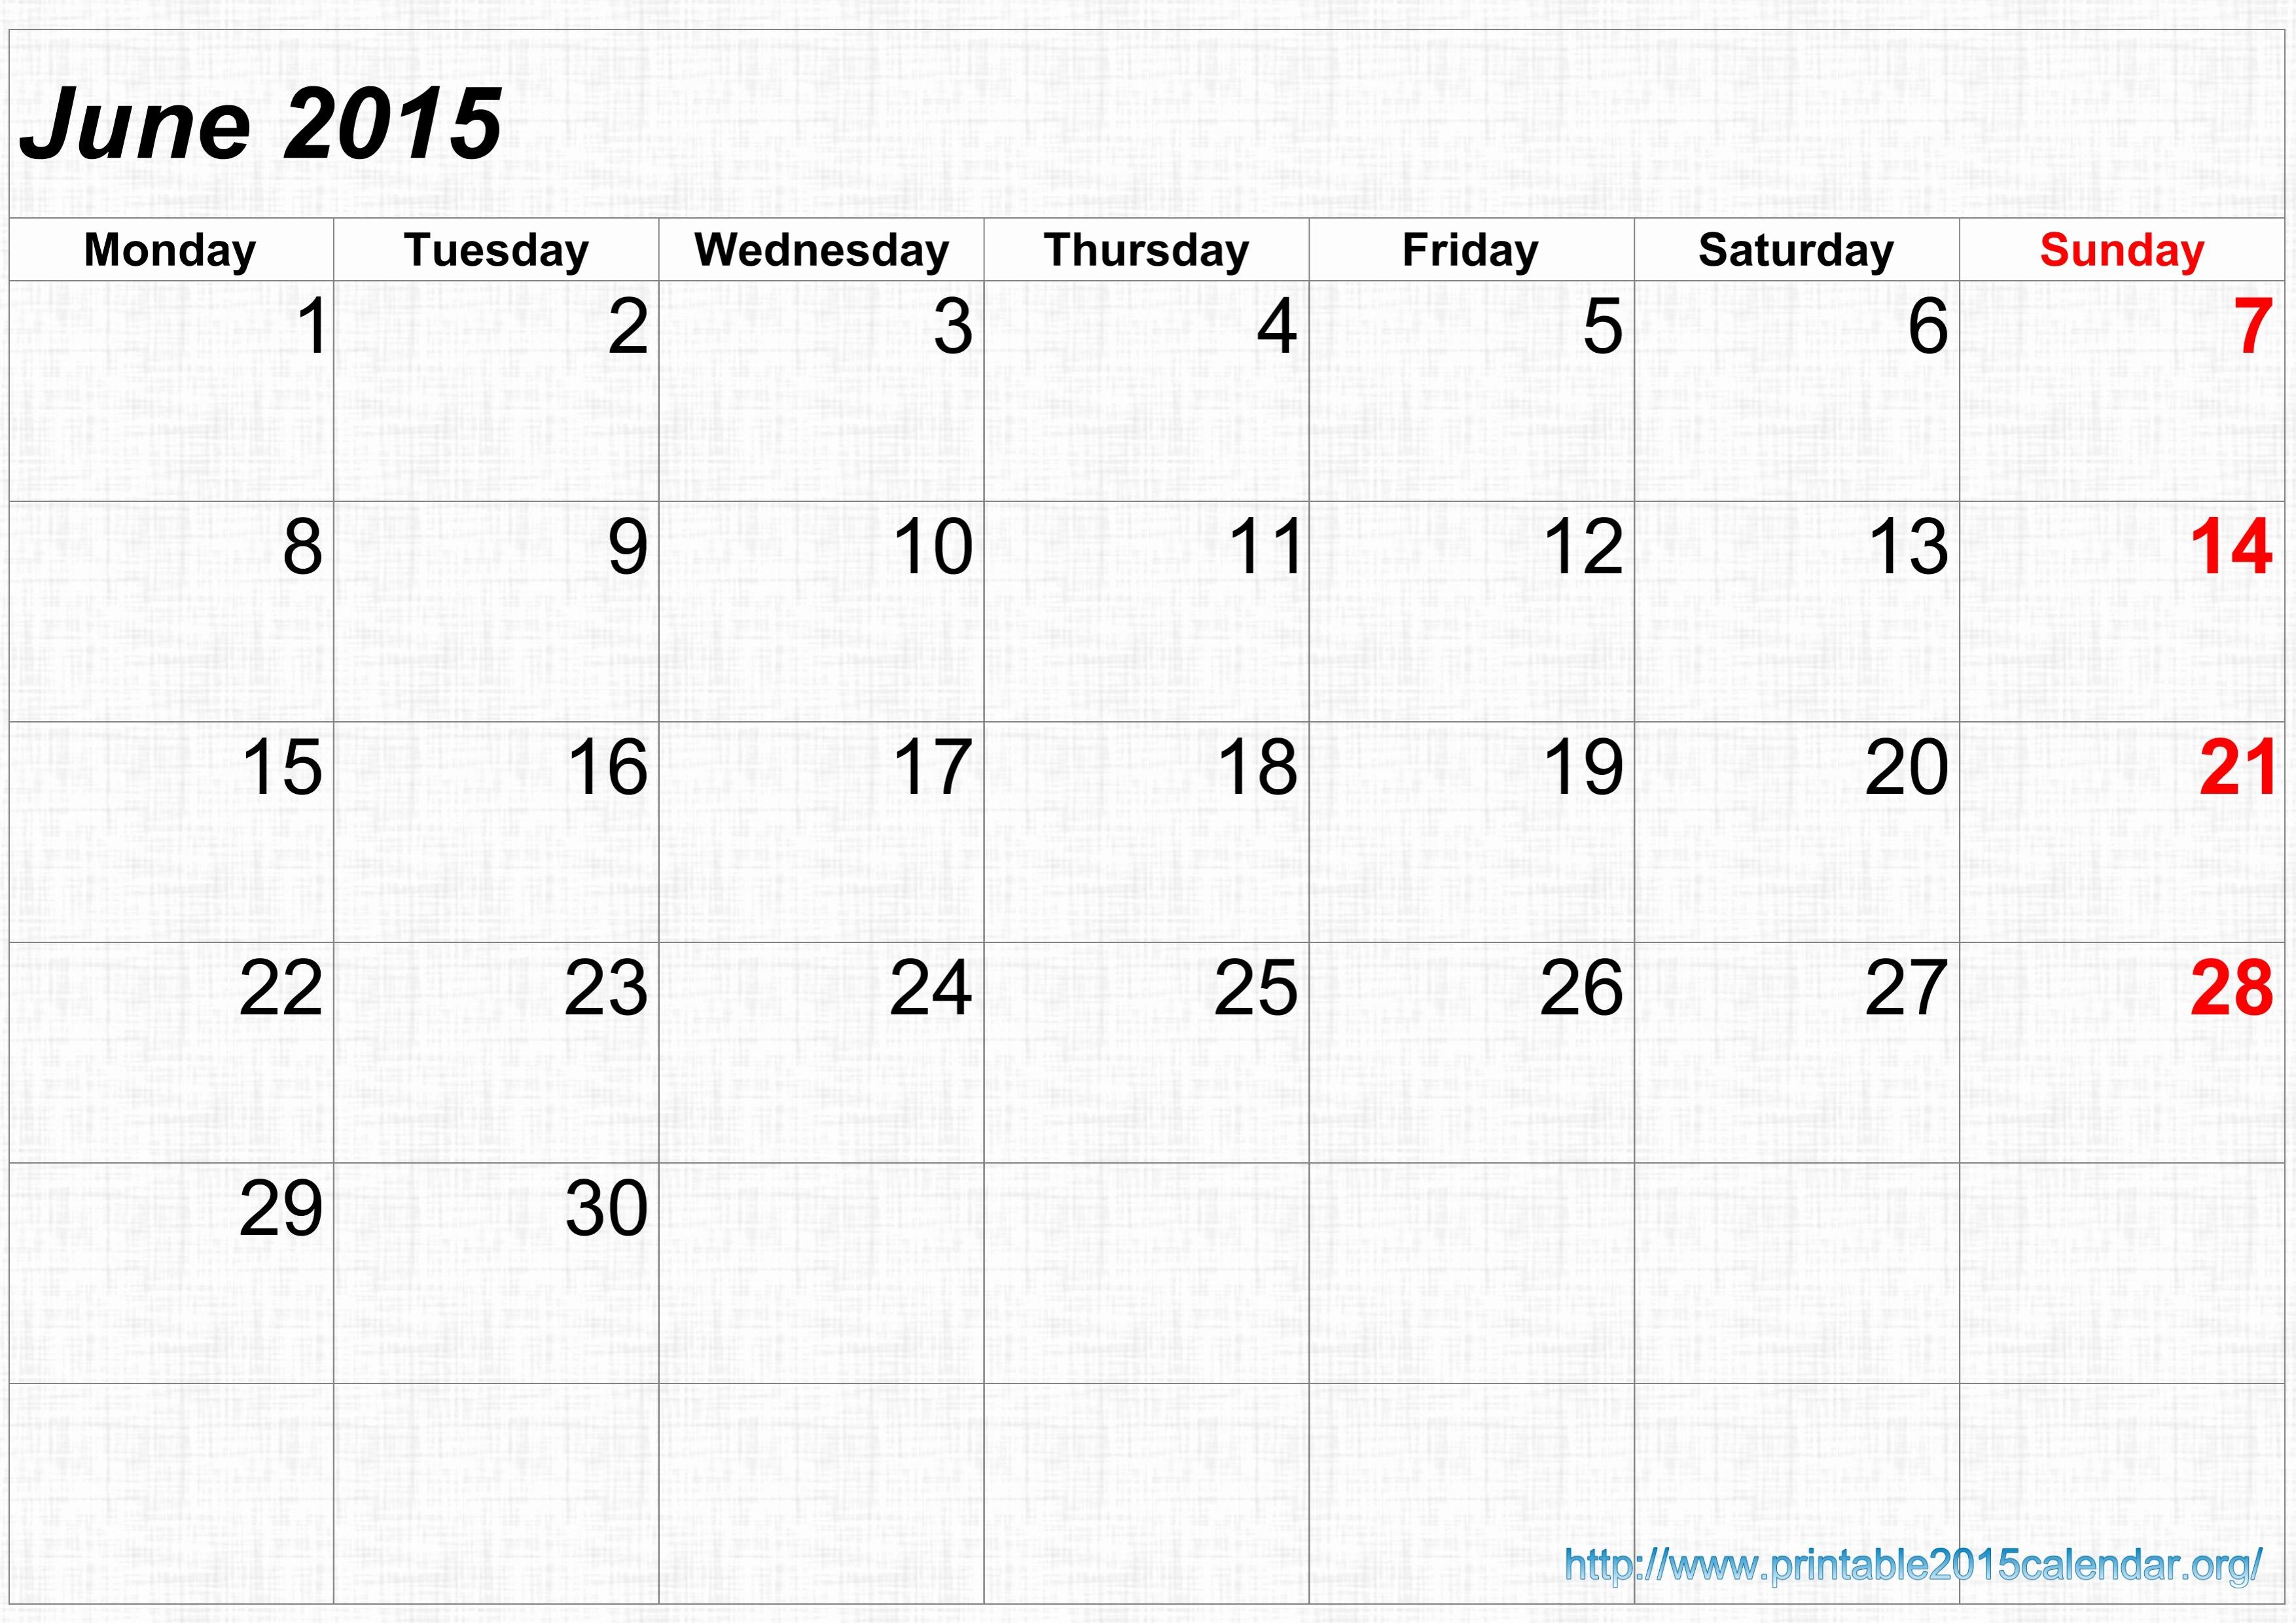 Calendar Template for June 2015 Lovely 7 Best Of June July 2015 Calendar Printable June